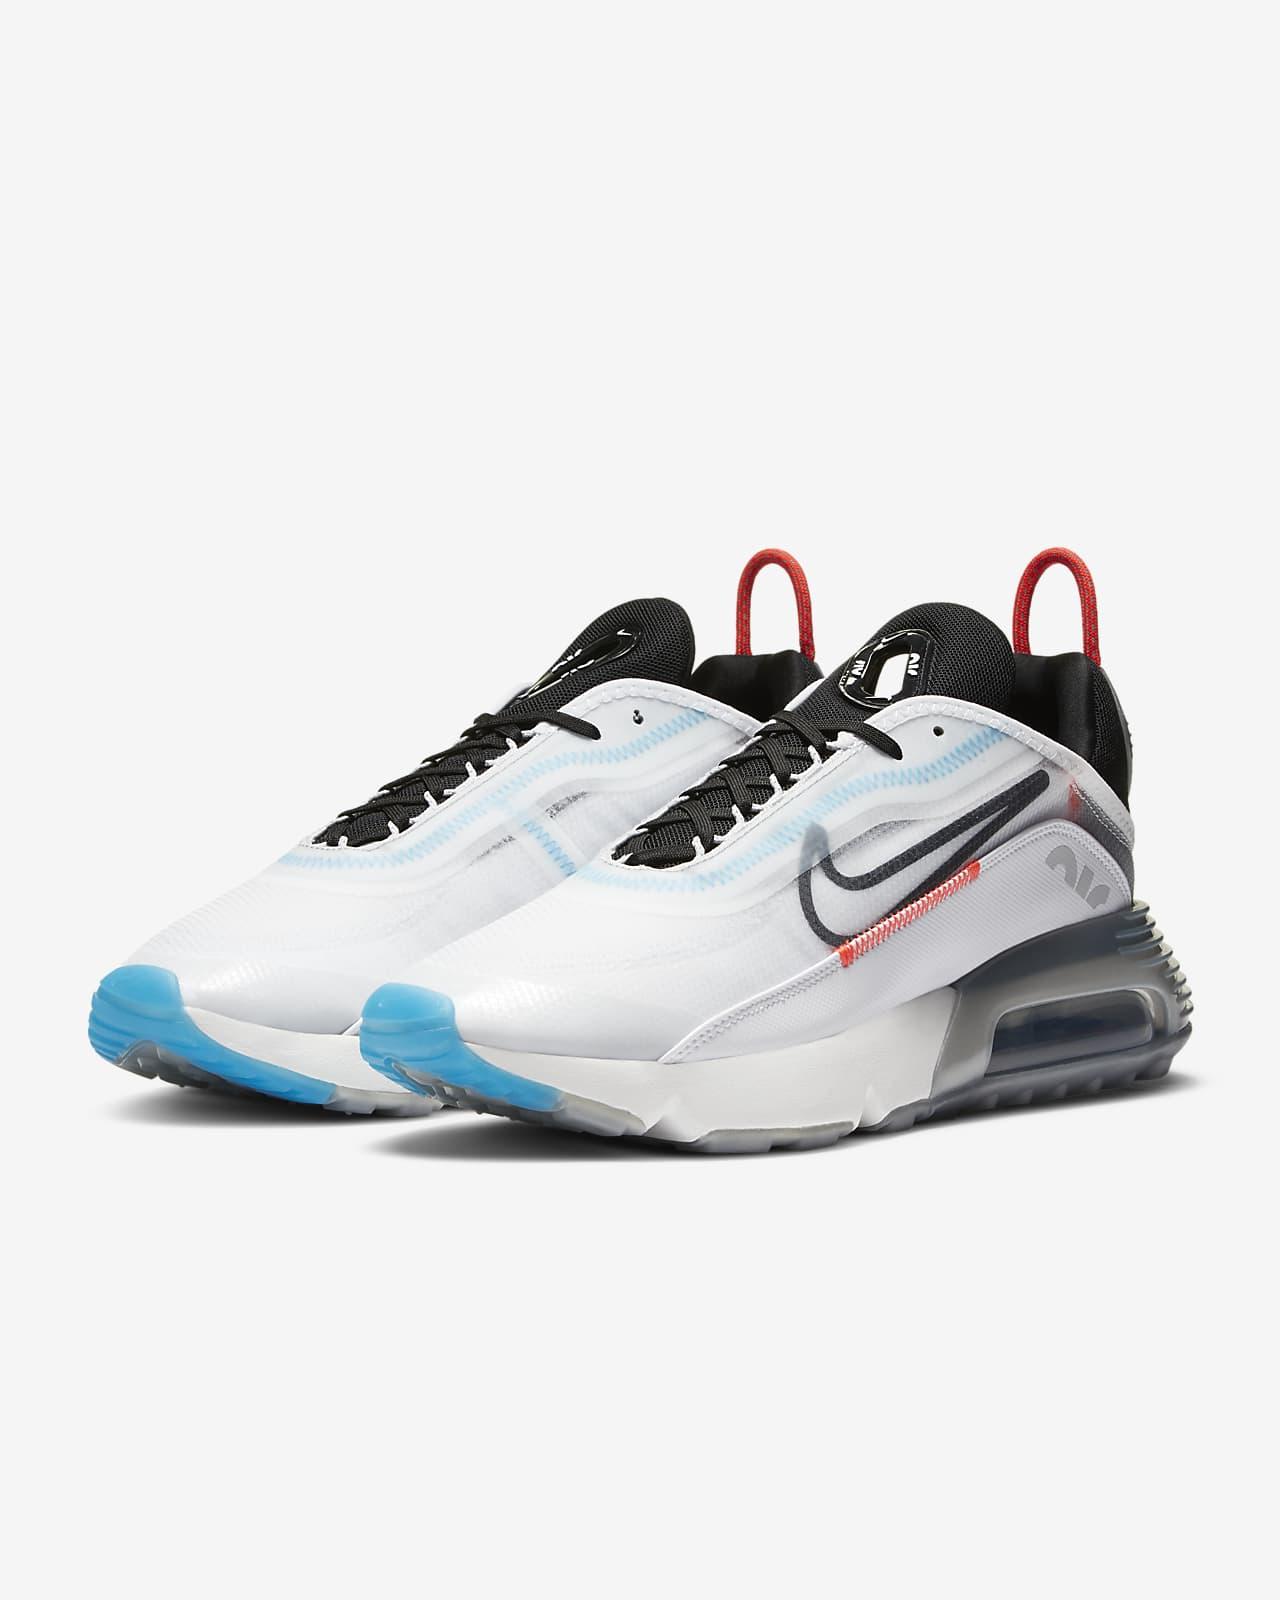 Nike Air Barrage Mid QS cipő outlet akár 50% kedvezmény